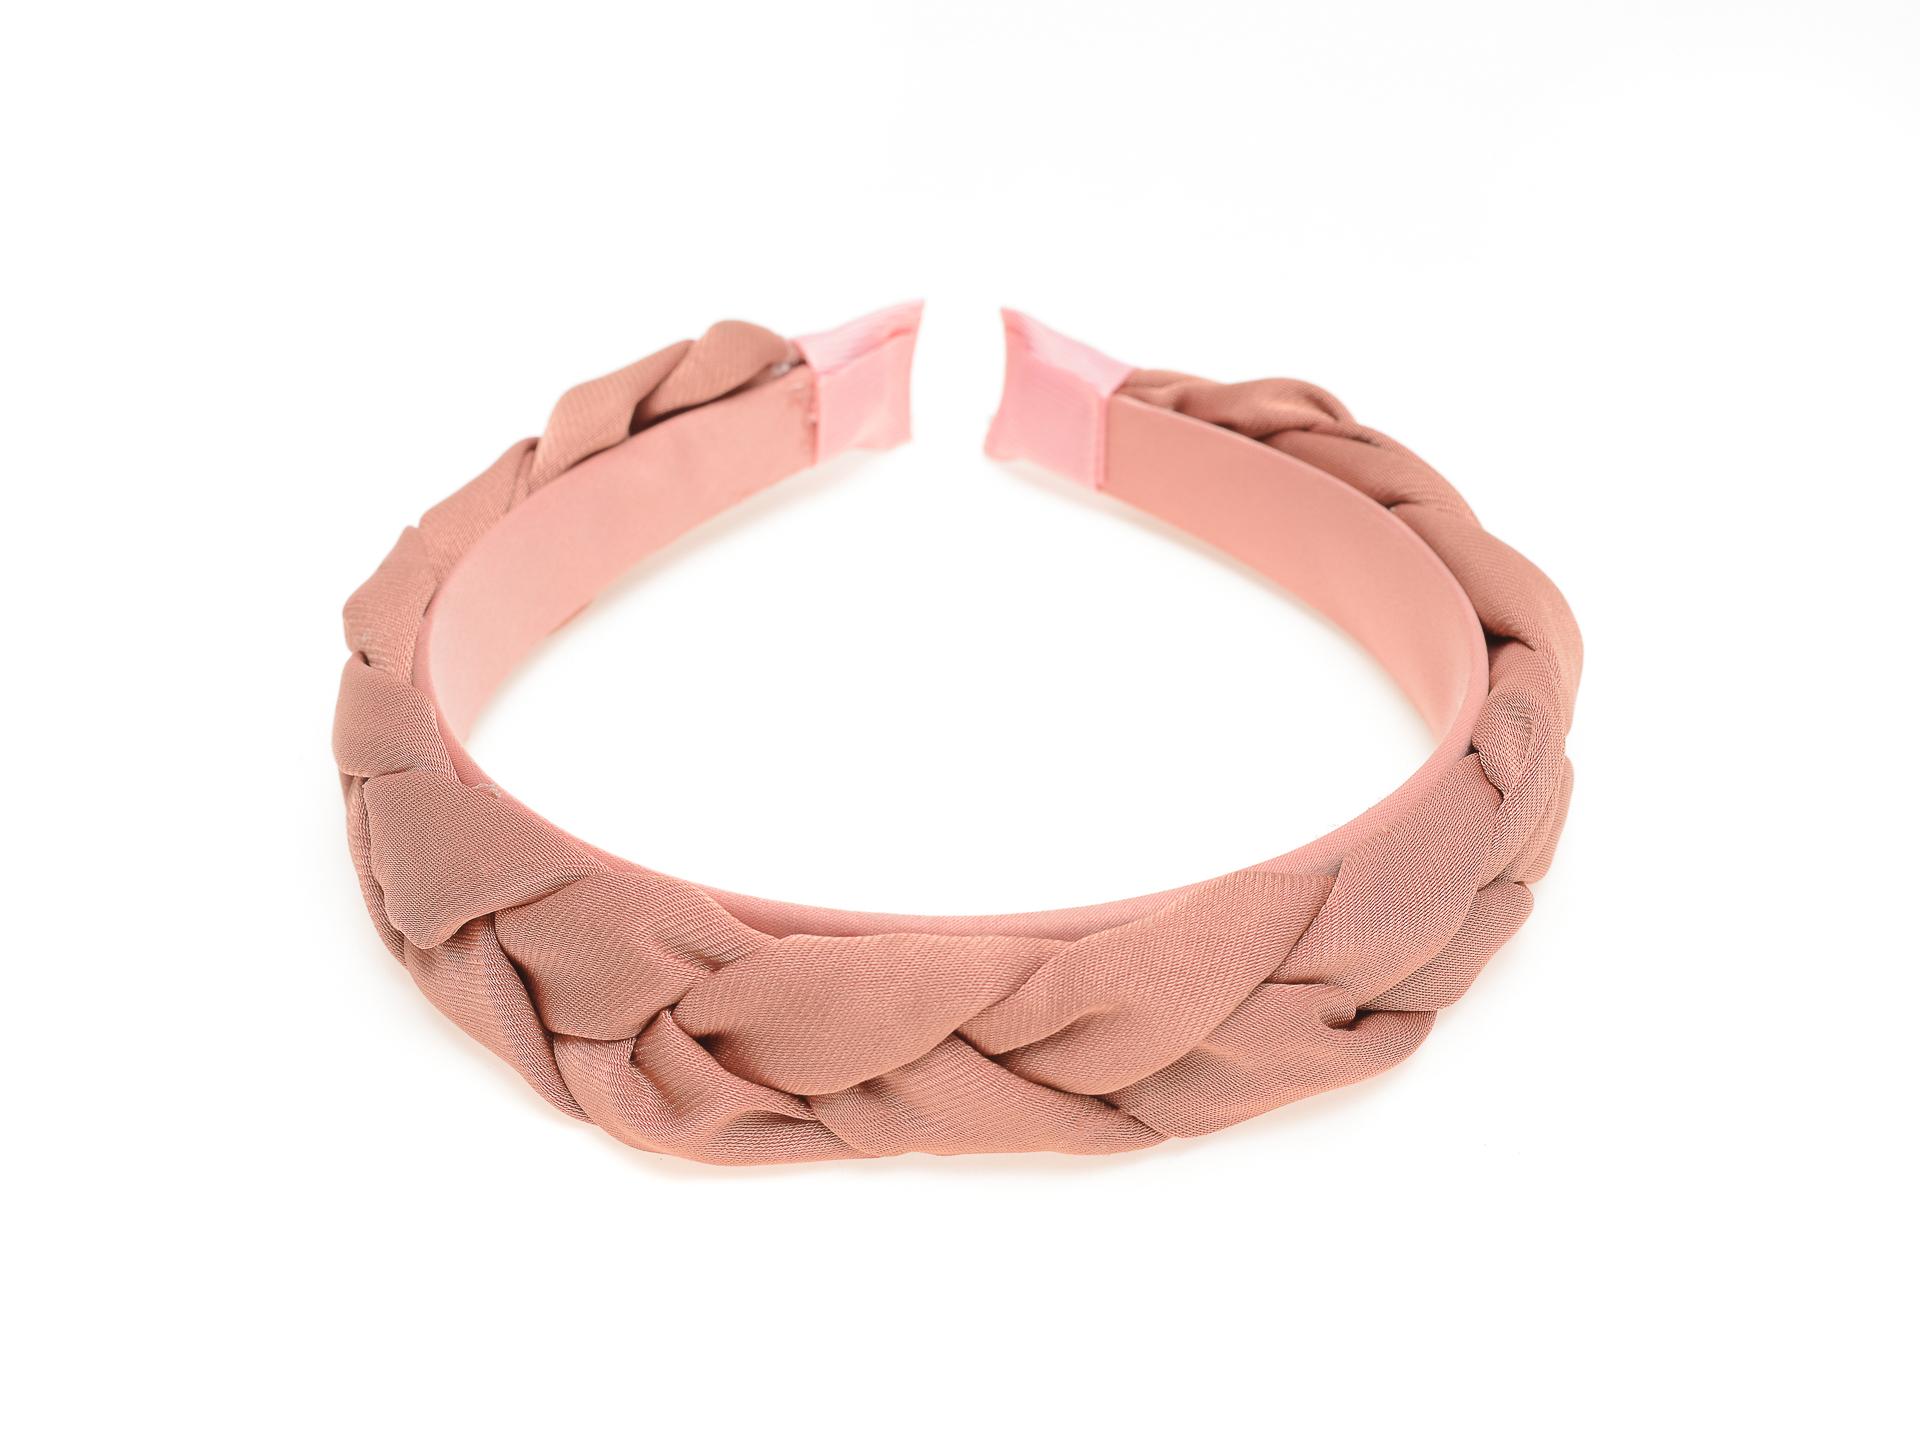 Accesoriu par ALDO roz, Jocelyne651, din material textil imagine